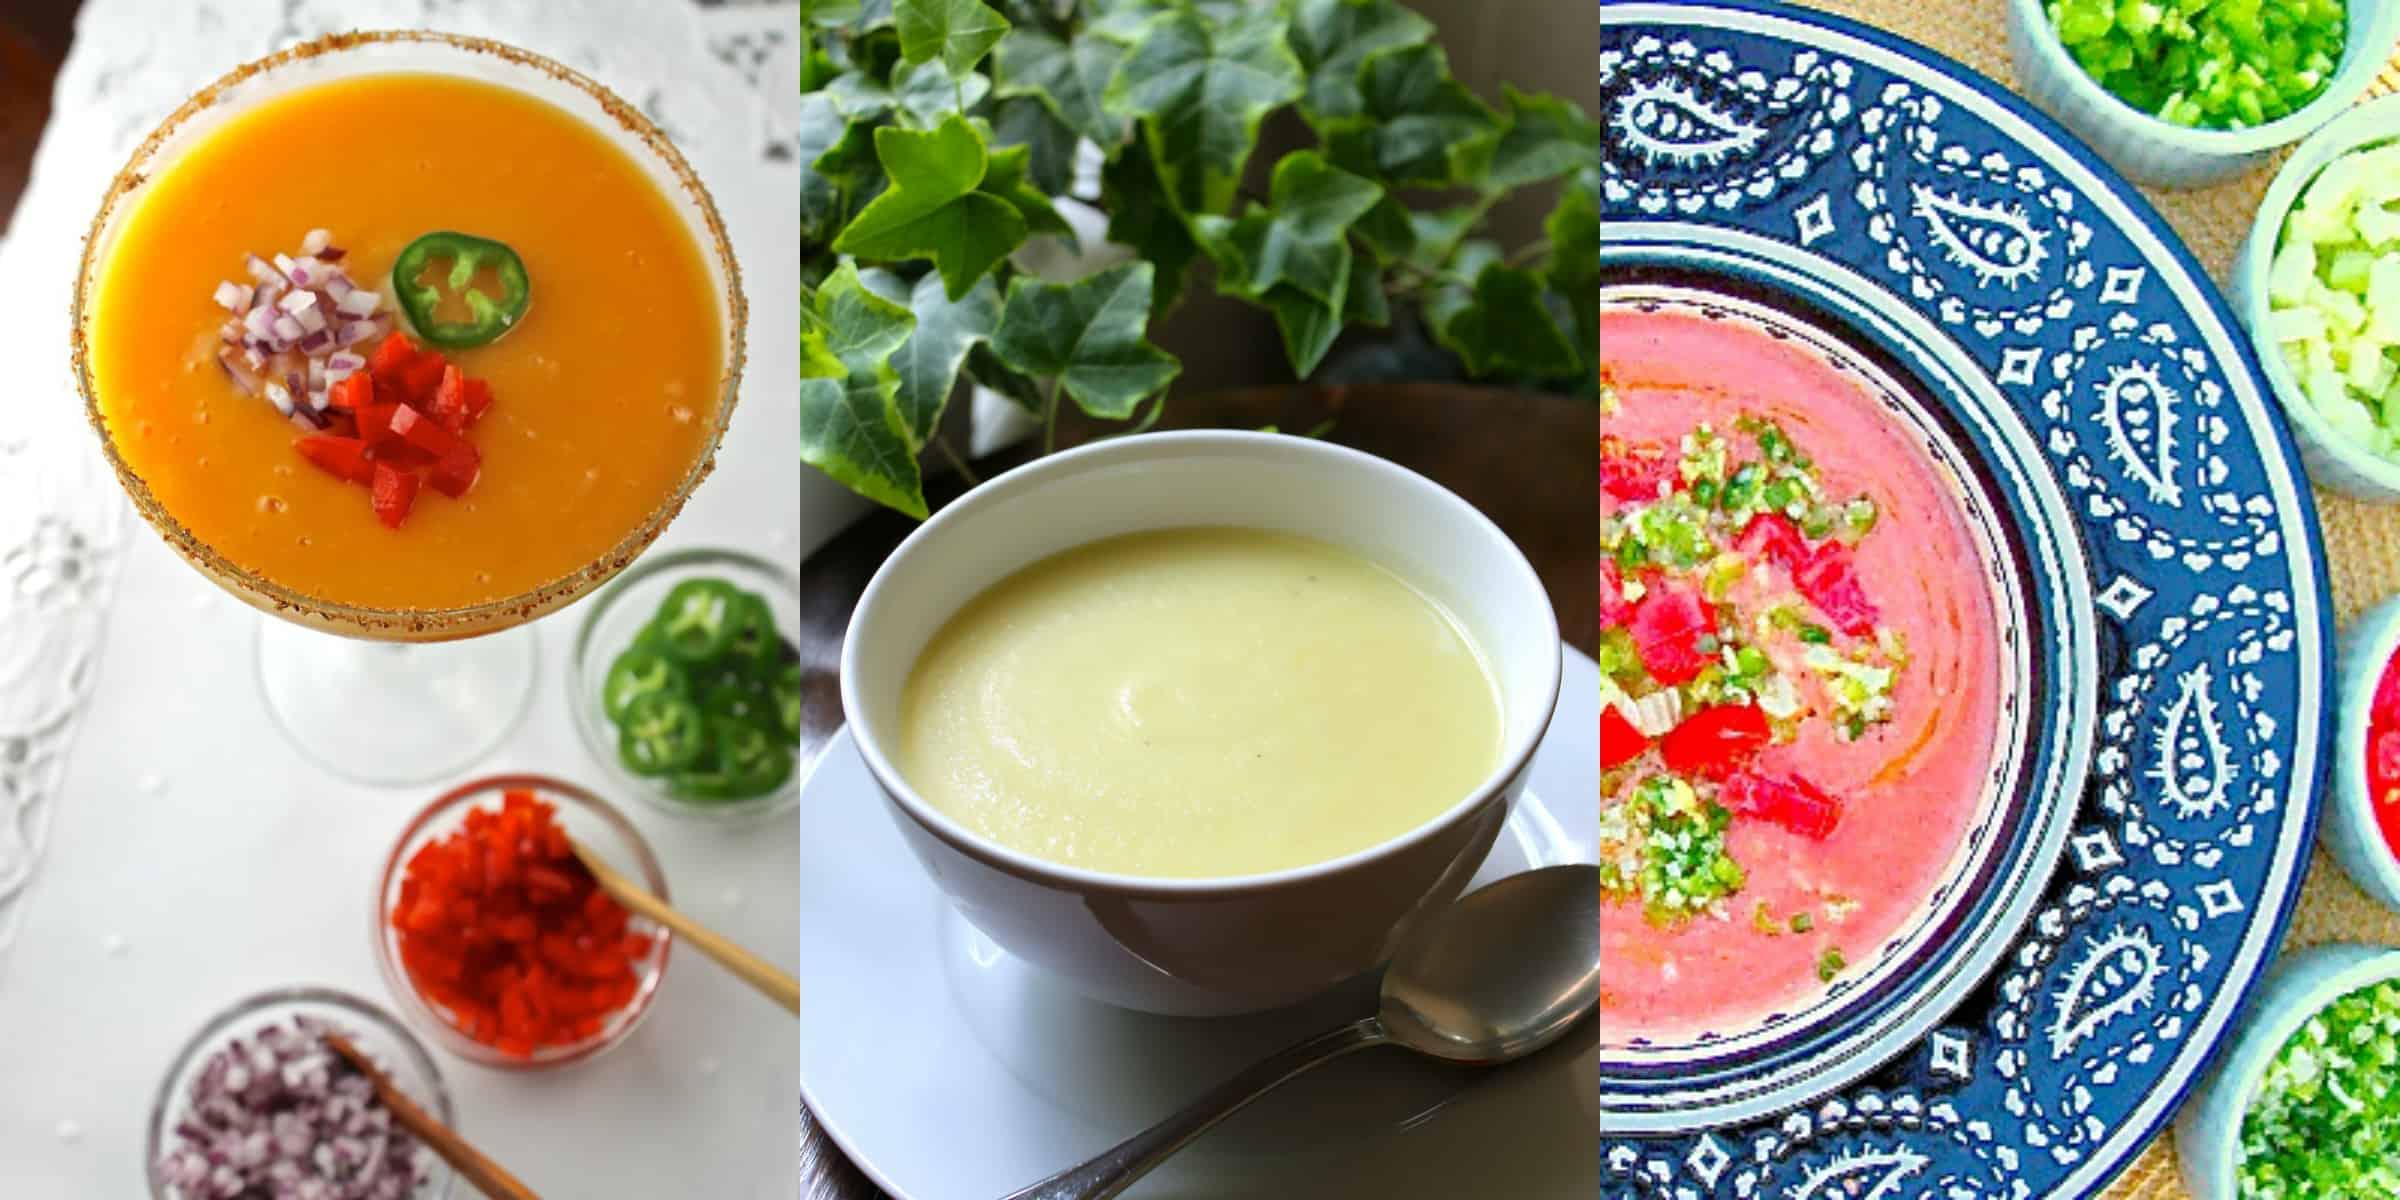 Sopas frías: 3 recetas deliciosas y frescas - Hispana Global